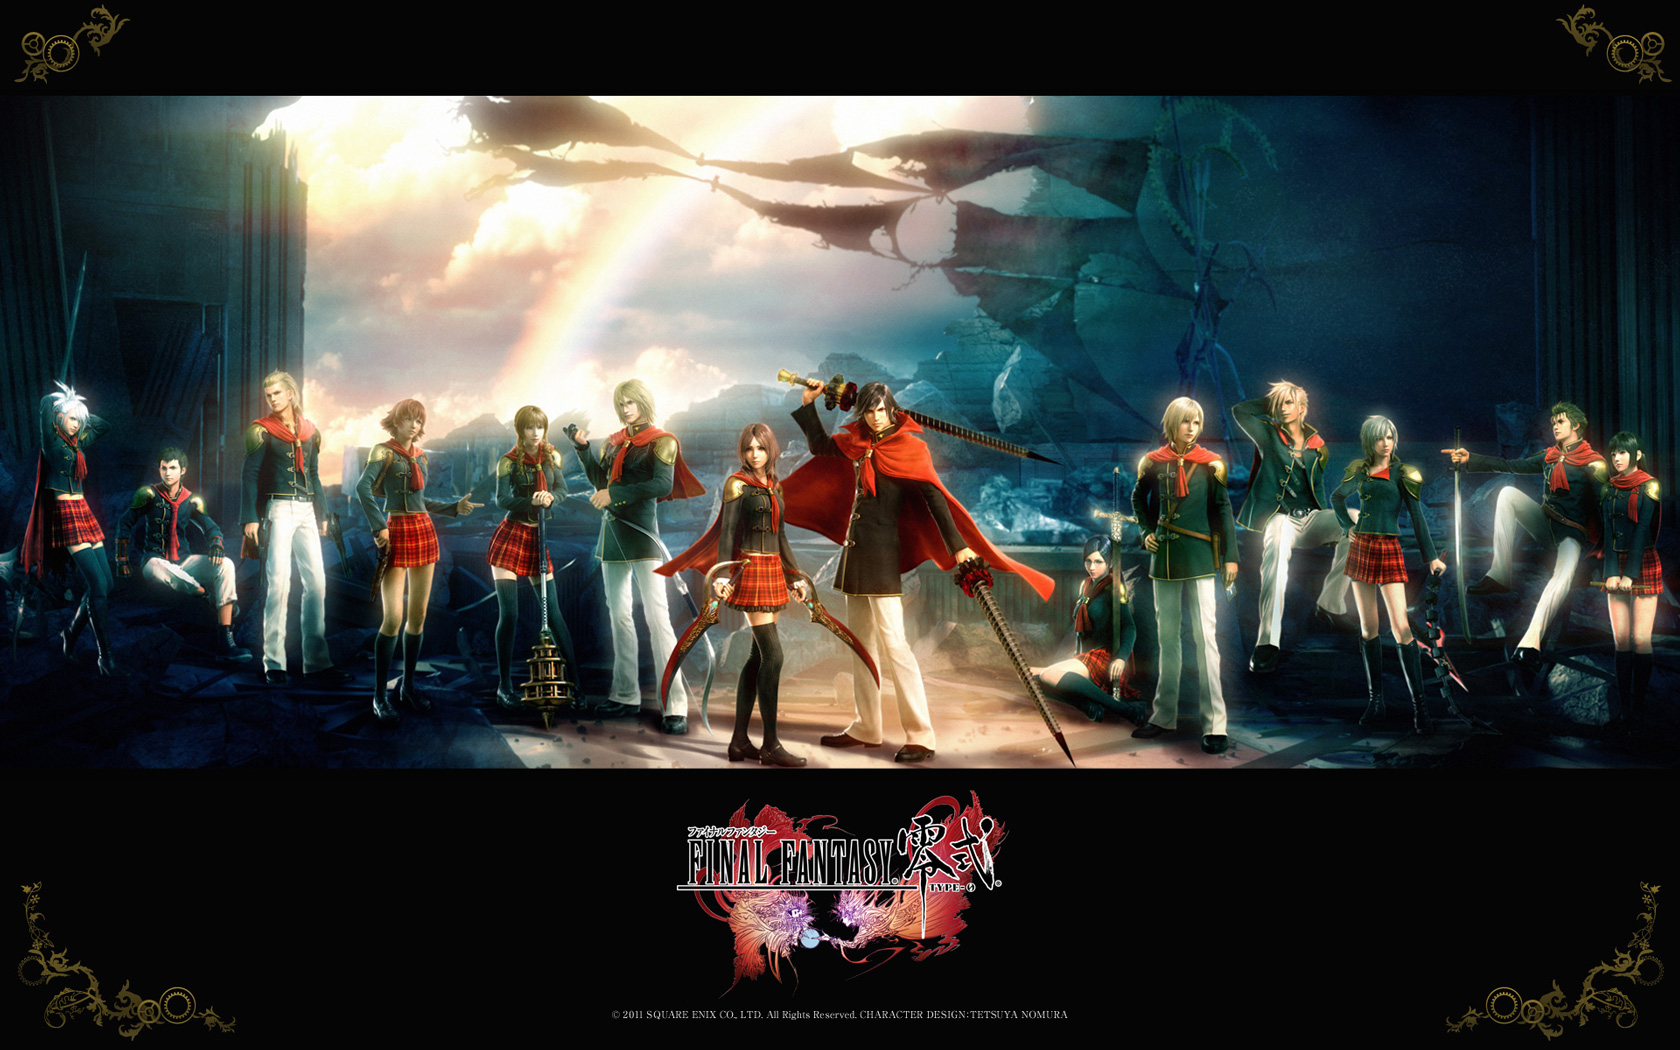 Free Final Fantasy Type-0 Wallpaper in 1680x1050